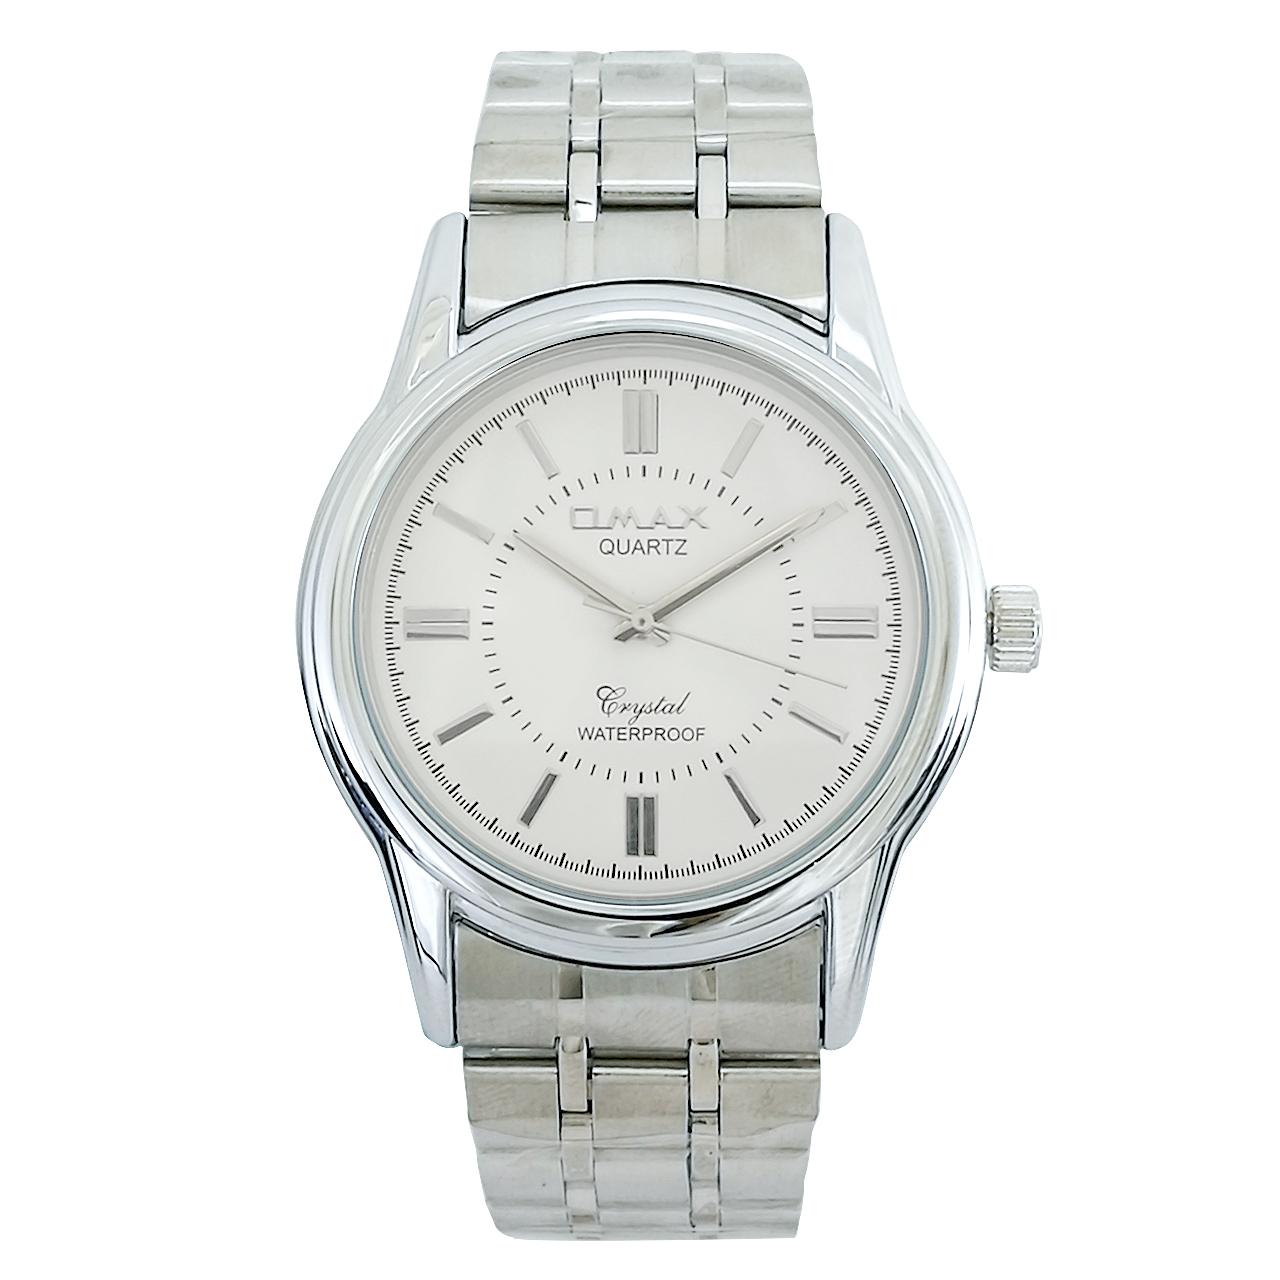 ساعت مچی عقربه ای مردانه اوماکس مدل AS012 به همراه دستمال مخصوص برند کلین واچ 51